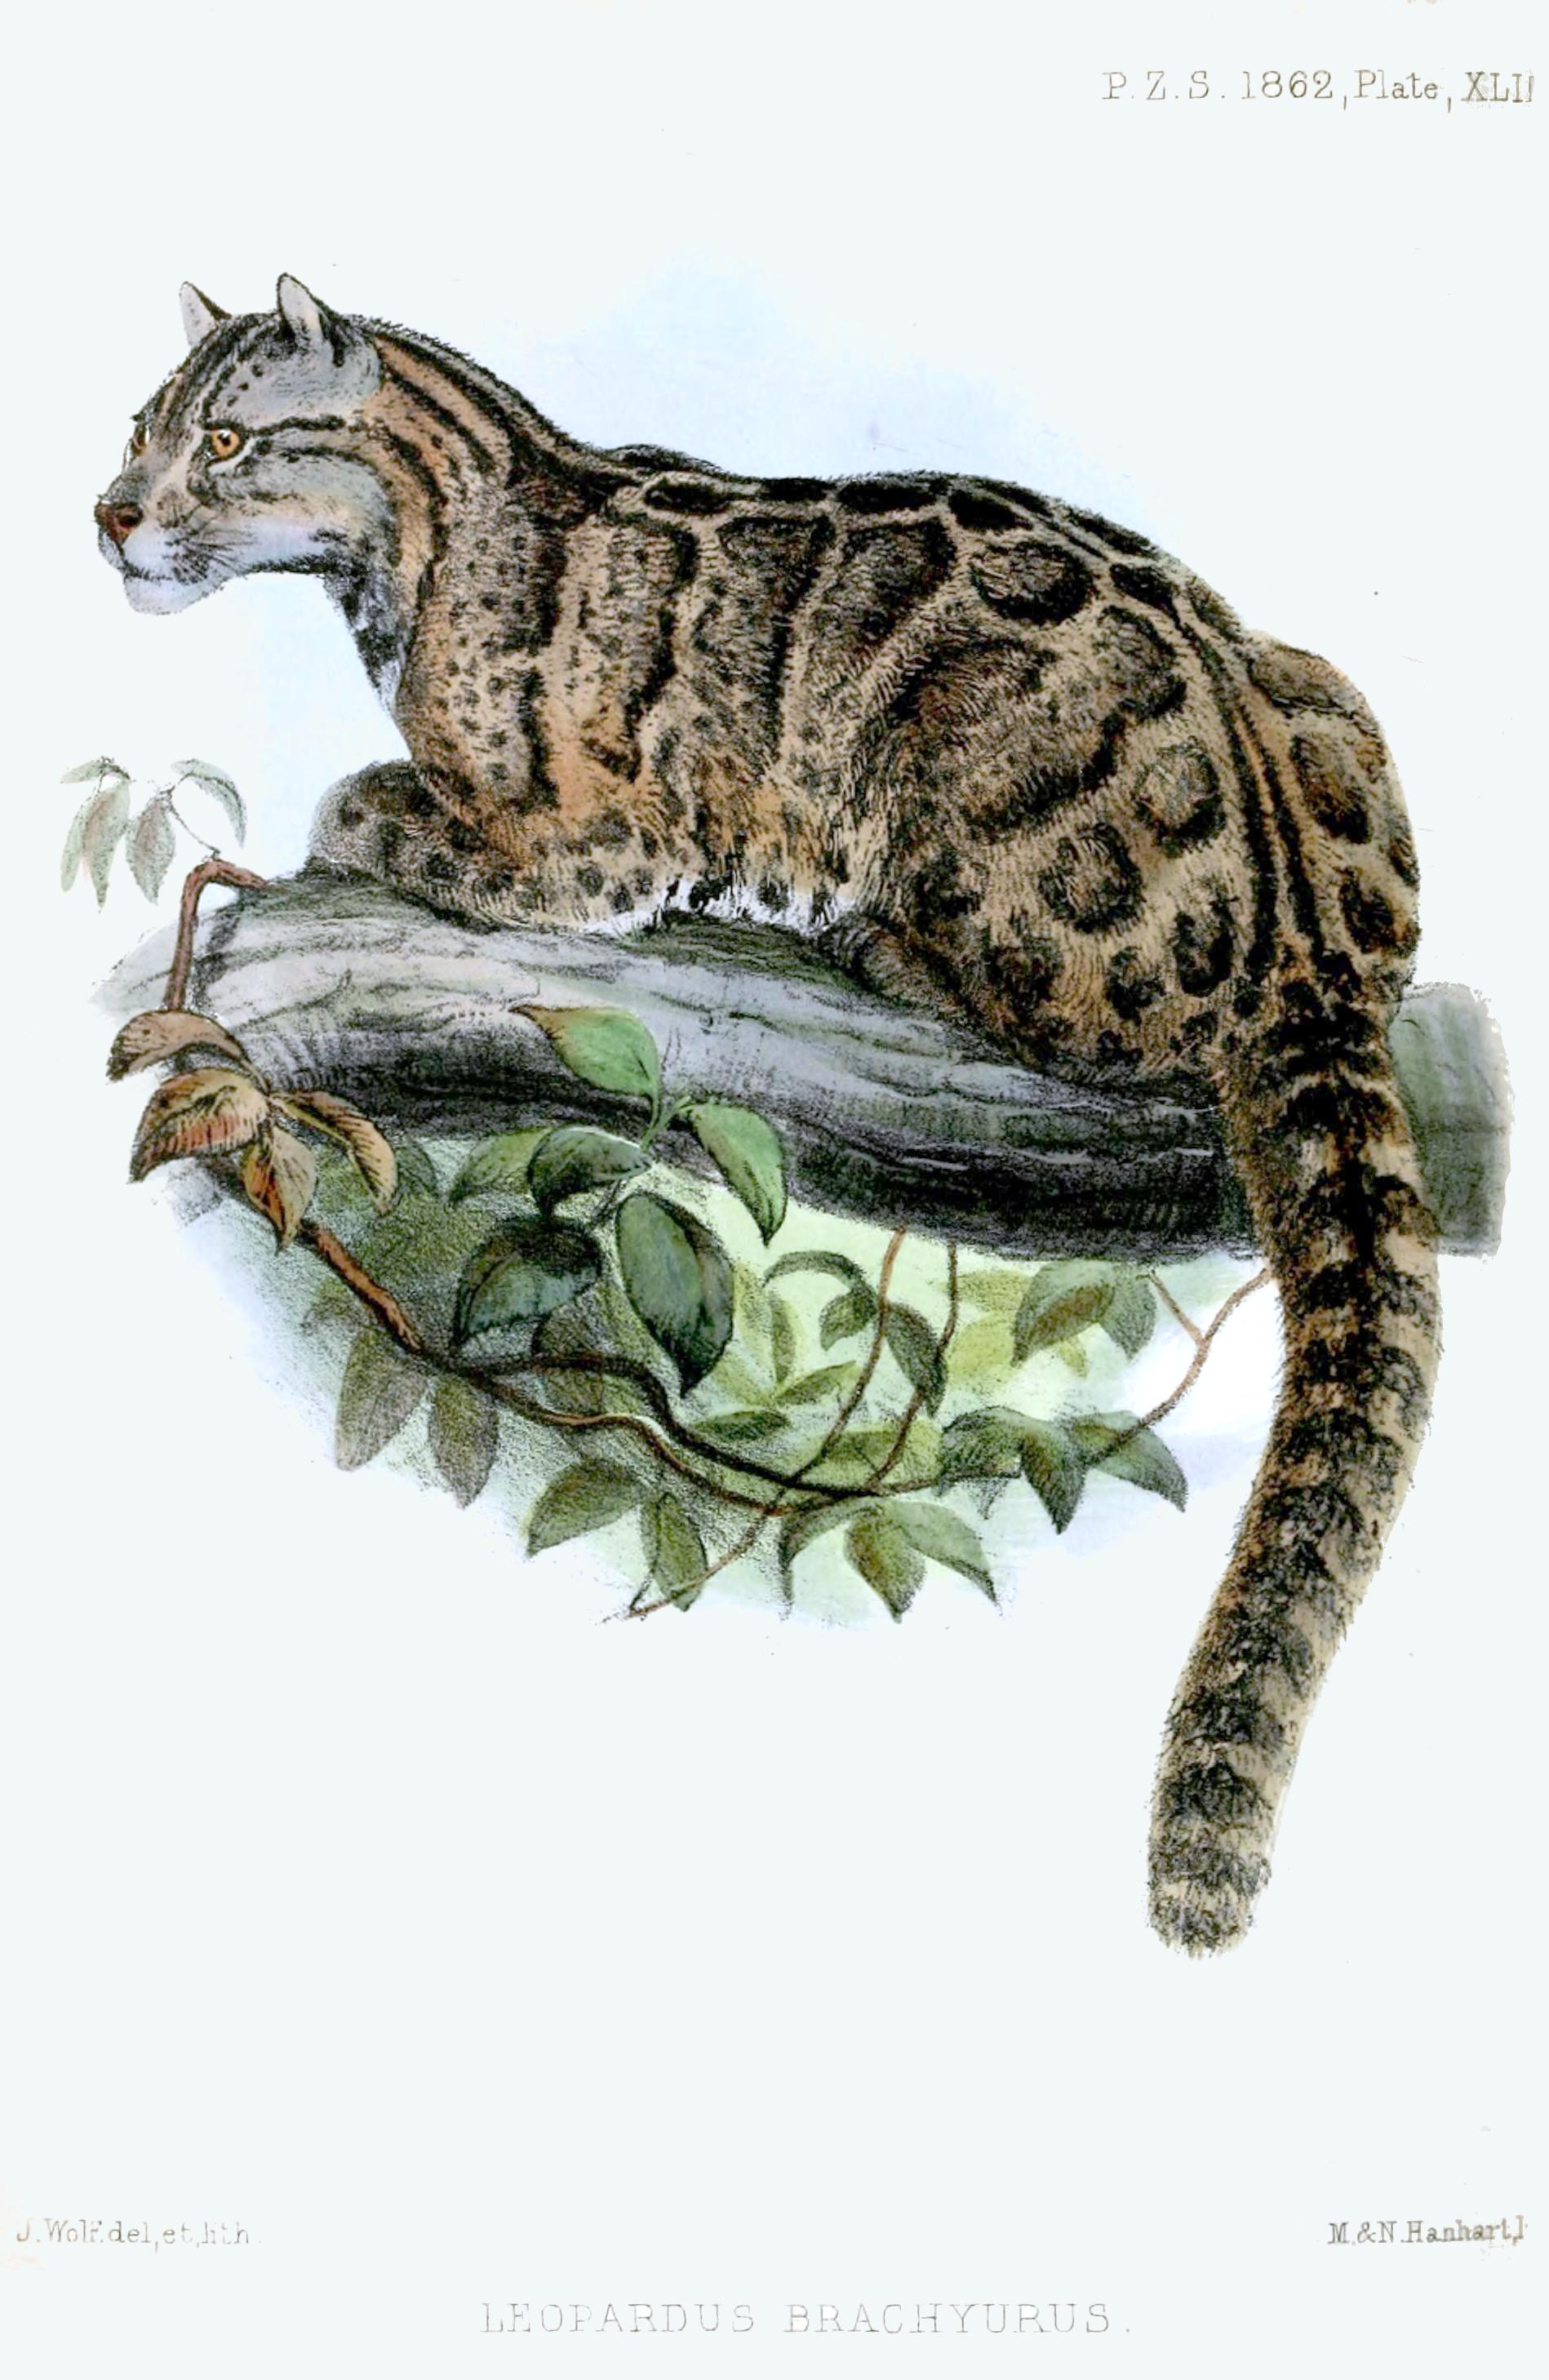 Les animaux disparus-espèces éteintes du fait de l'homme et son mode de vie LeopardusBrachyurusWolf